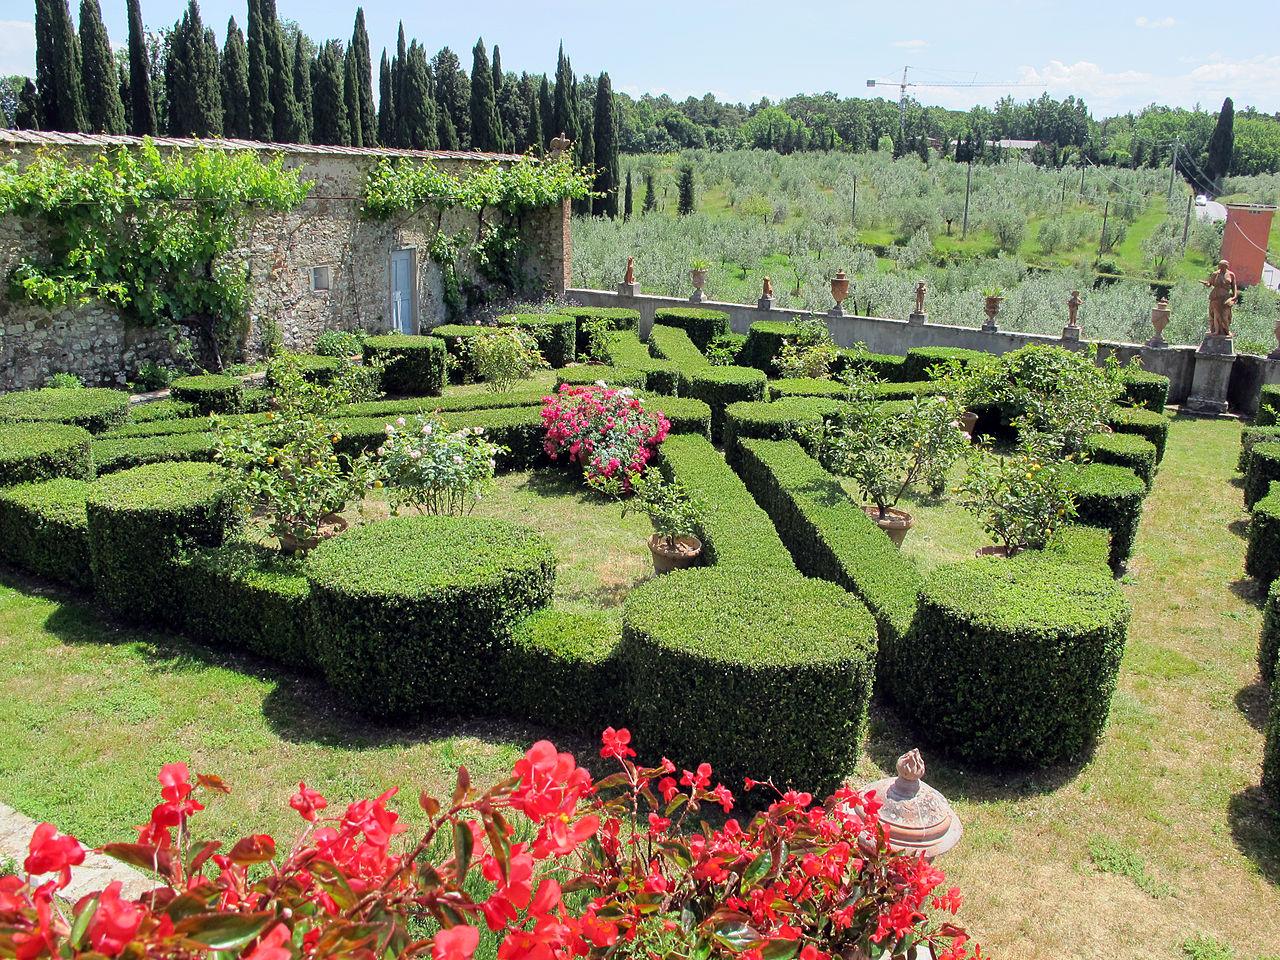 File villa di senzano giardino all 39 italiana 04 jpg - Giardino all italiana ...